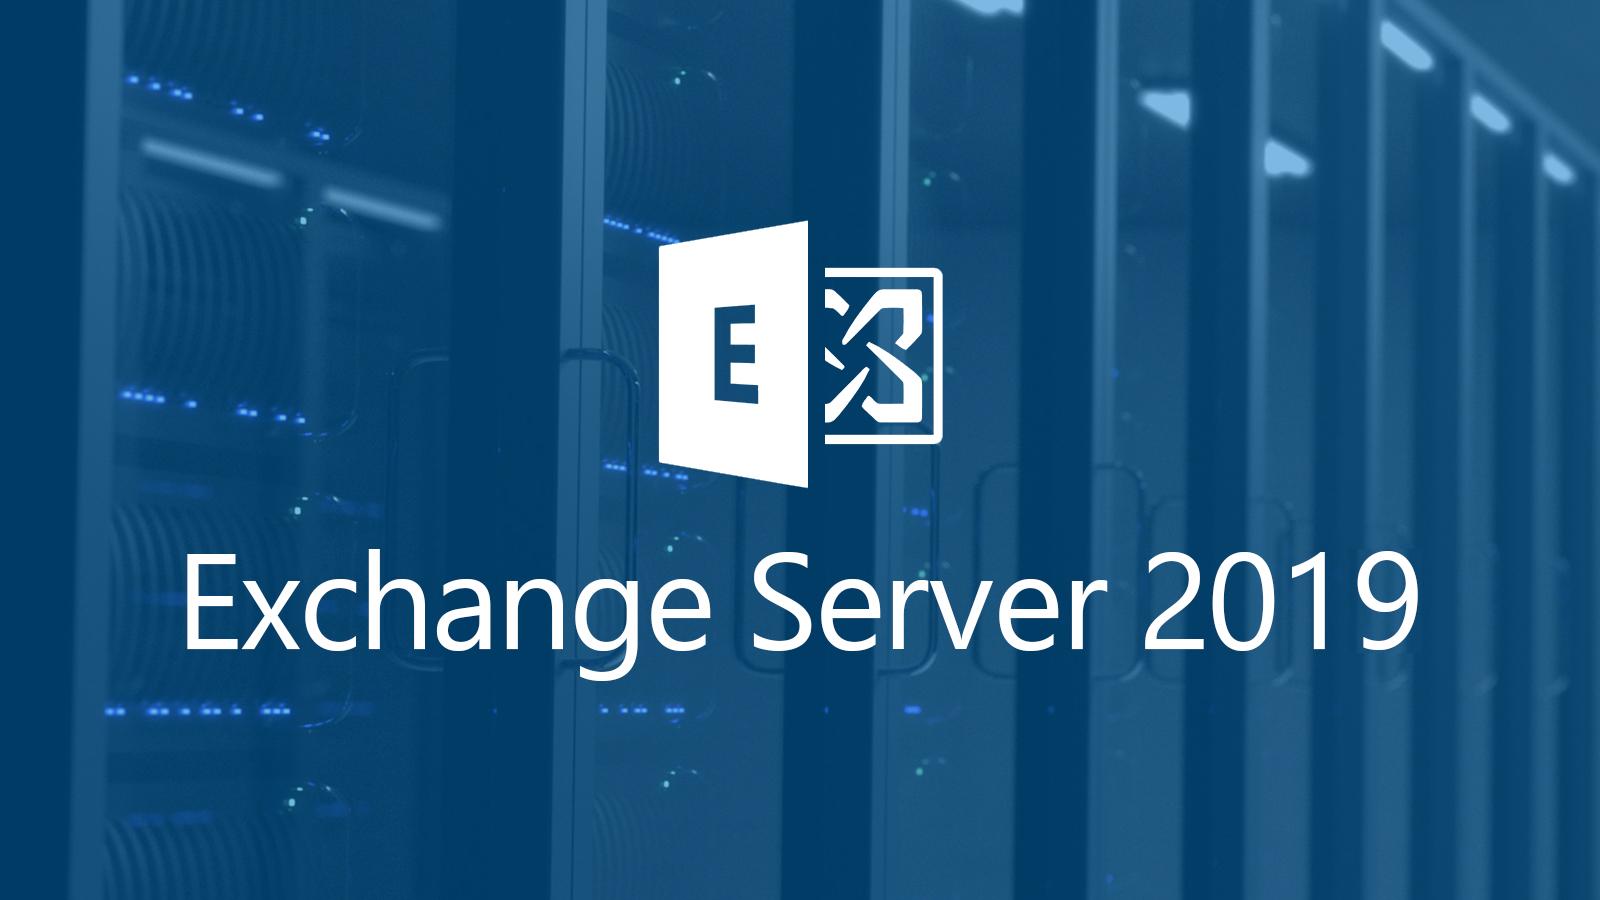 microsoft-exchange-server-2019